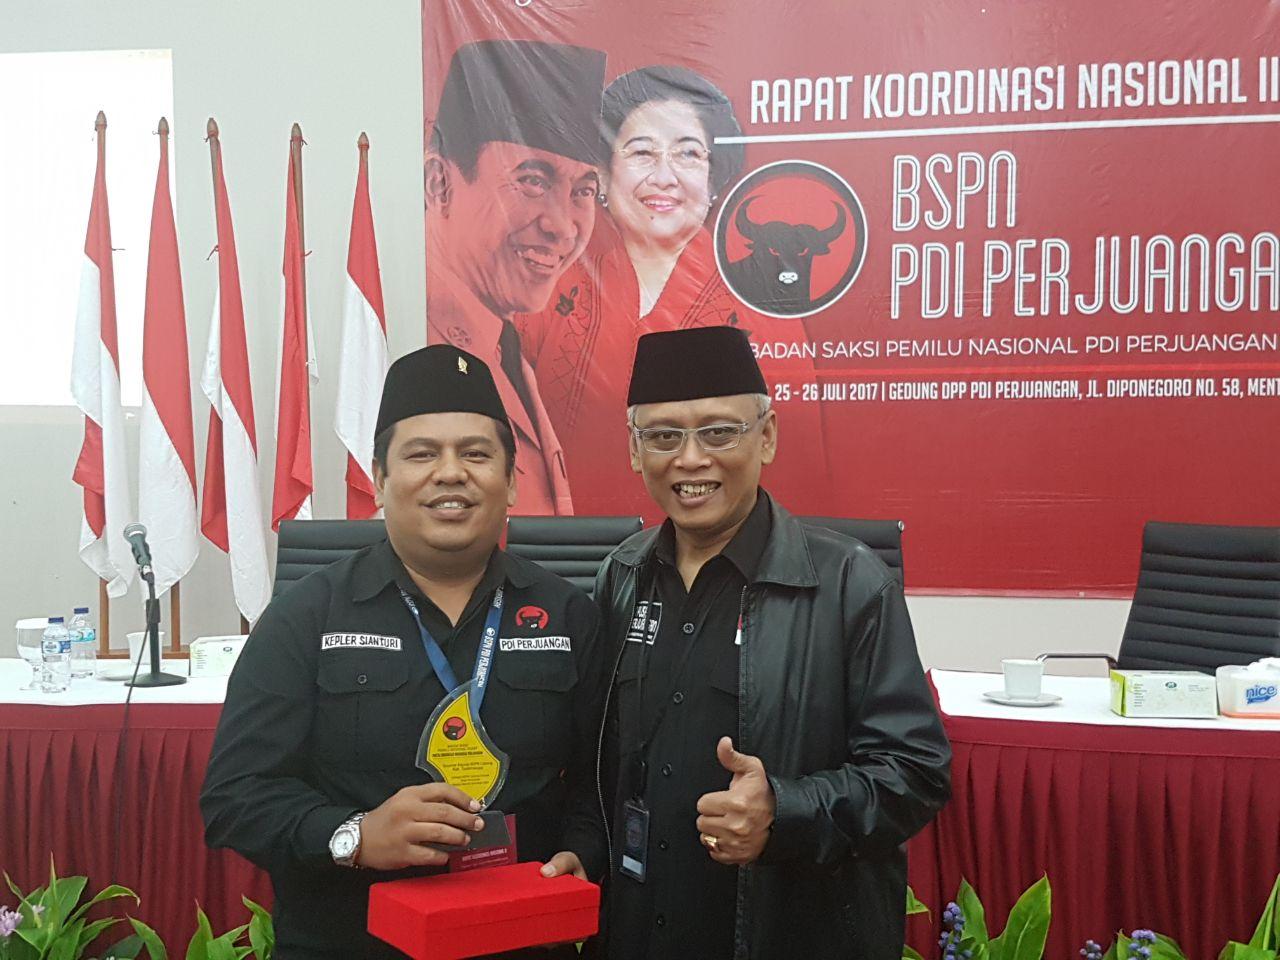 BSPN Tasik masuk 10 terbaik se-Indonesia dalam RAKORNAS II 2017